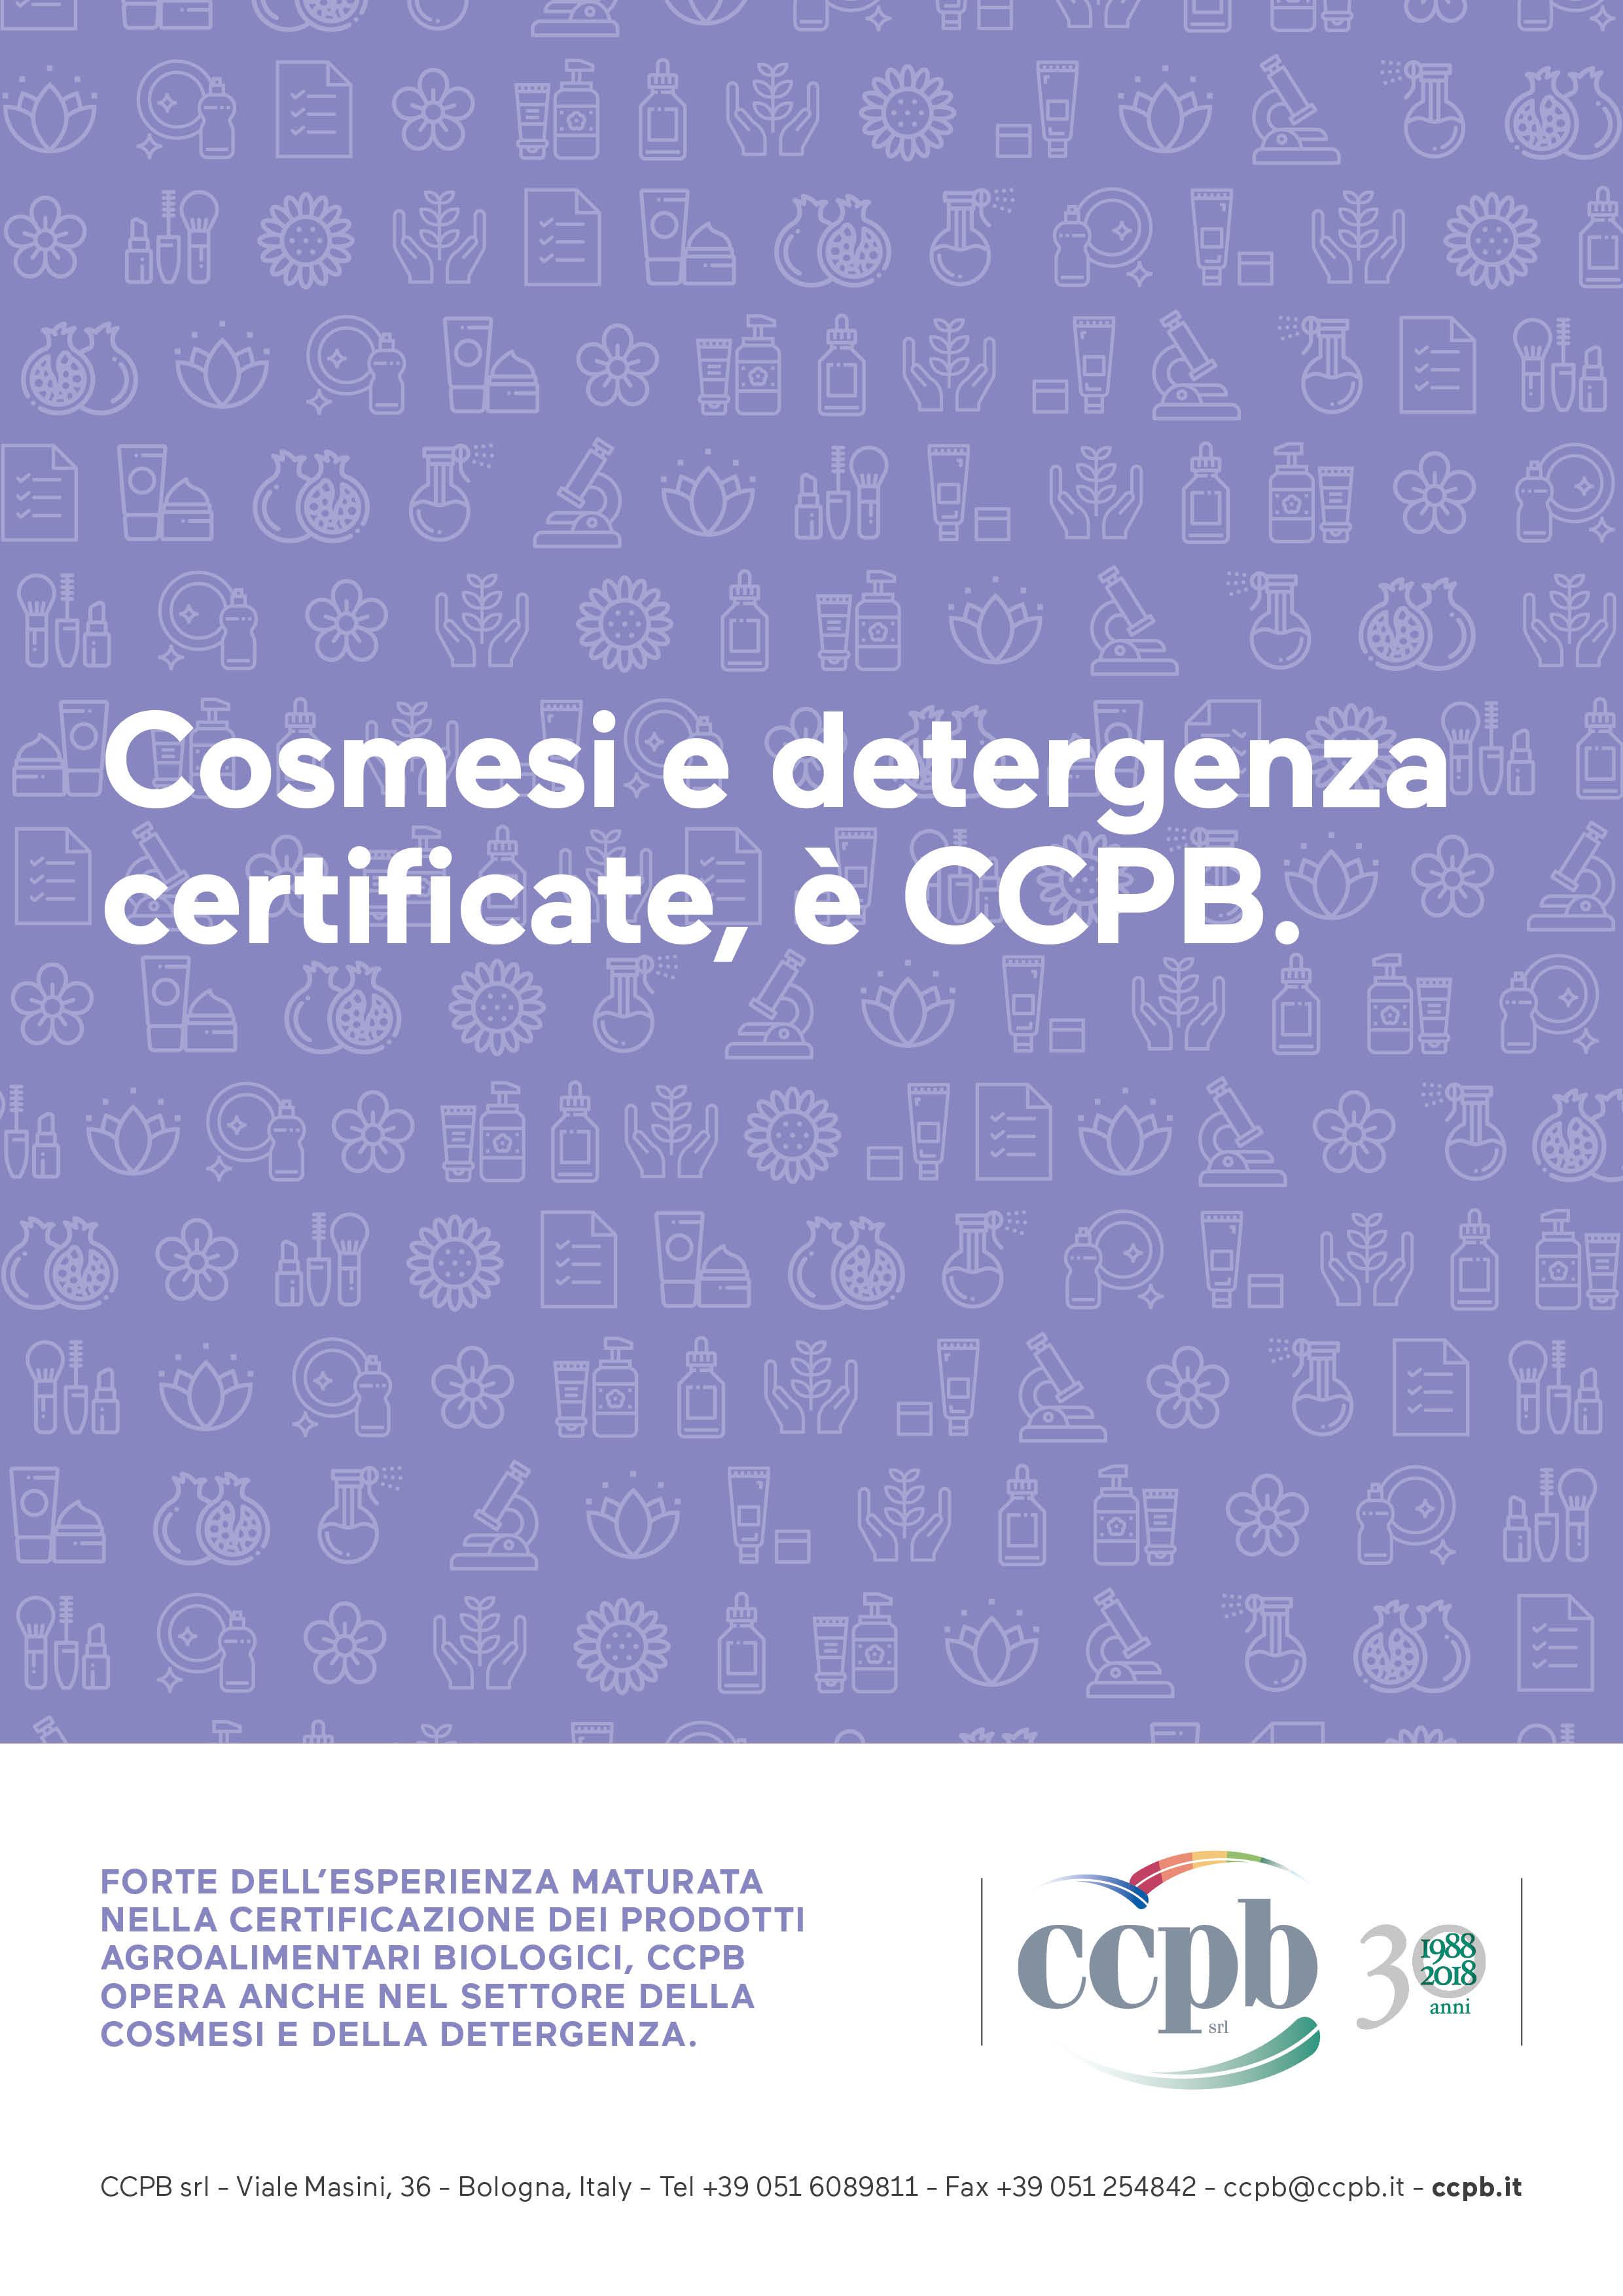 CCPB_A4-ITA_Cosmesi